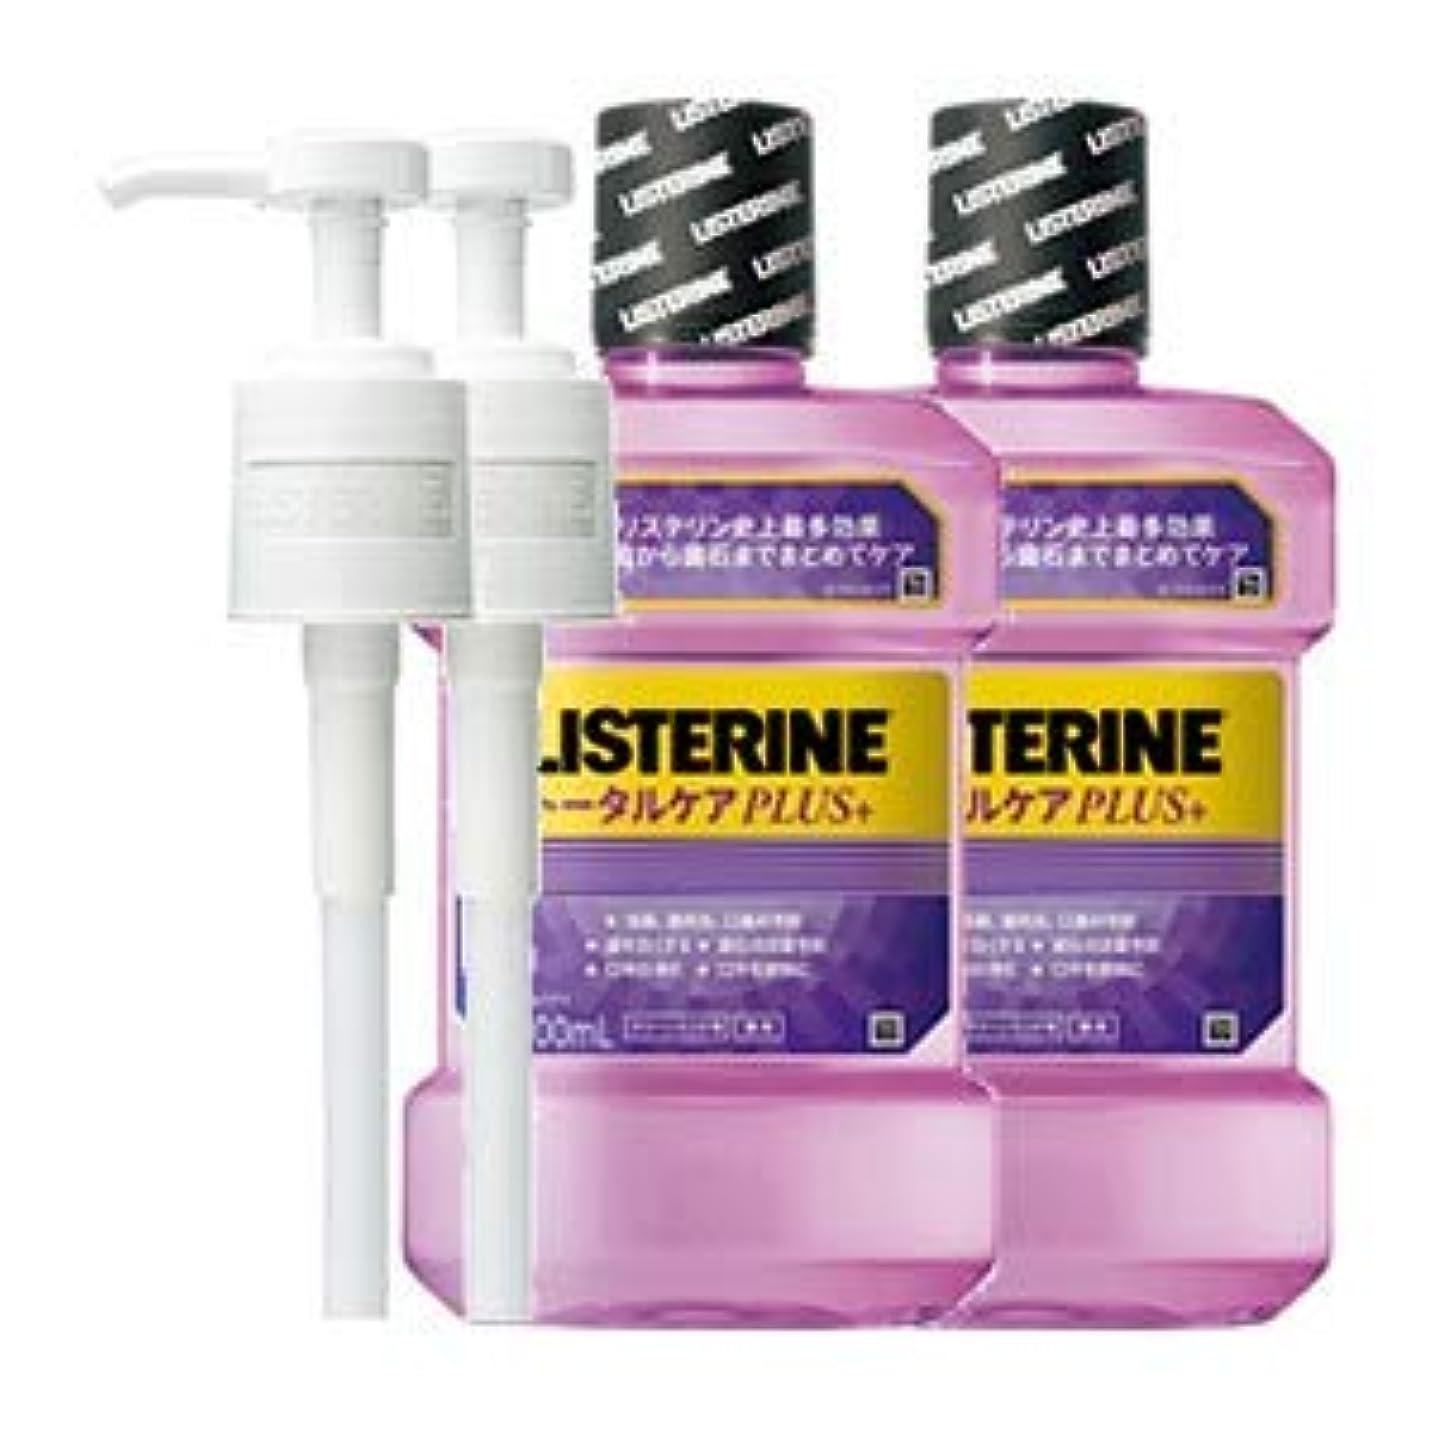 代理人一貫したモネ薬用リステリン トータルケアプラス (液体歯磨) 1000mL 2点セット (ポンプ付)